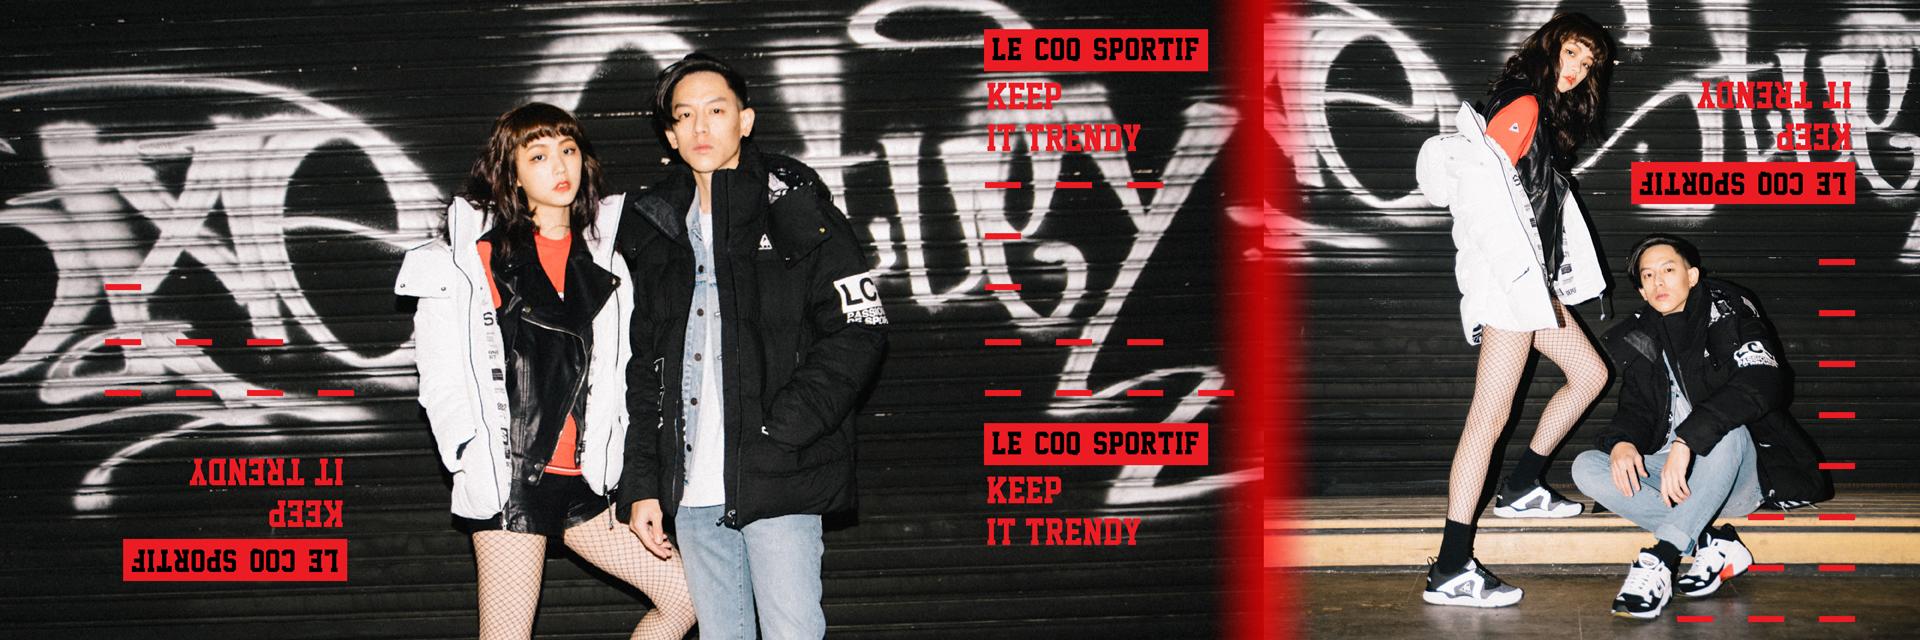 連 IG 潮人也著用!風靡日韓的 le coq sportif,即將引領秋冬「街頭運動」新風潮